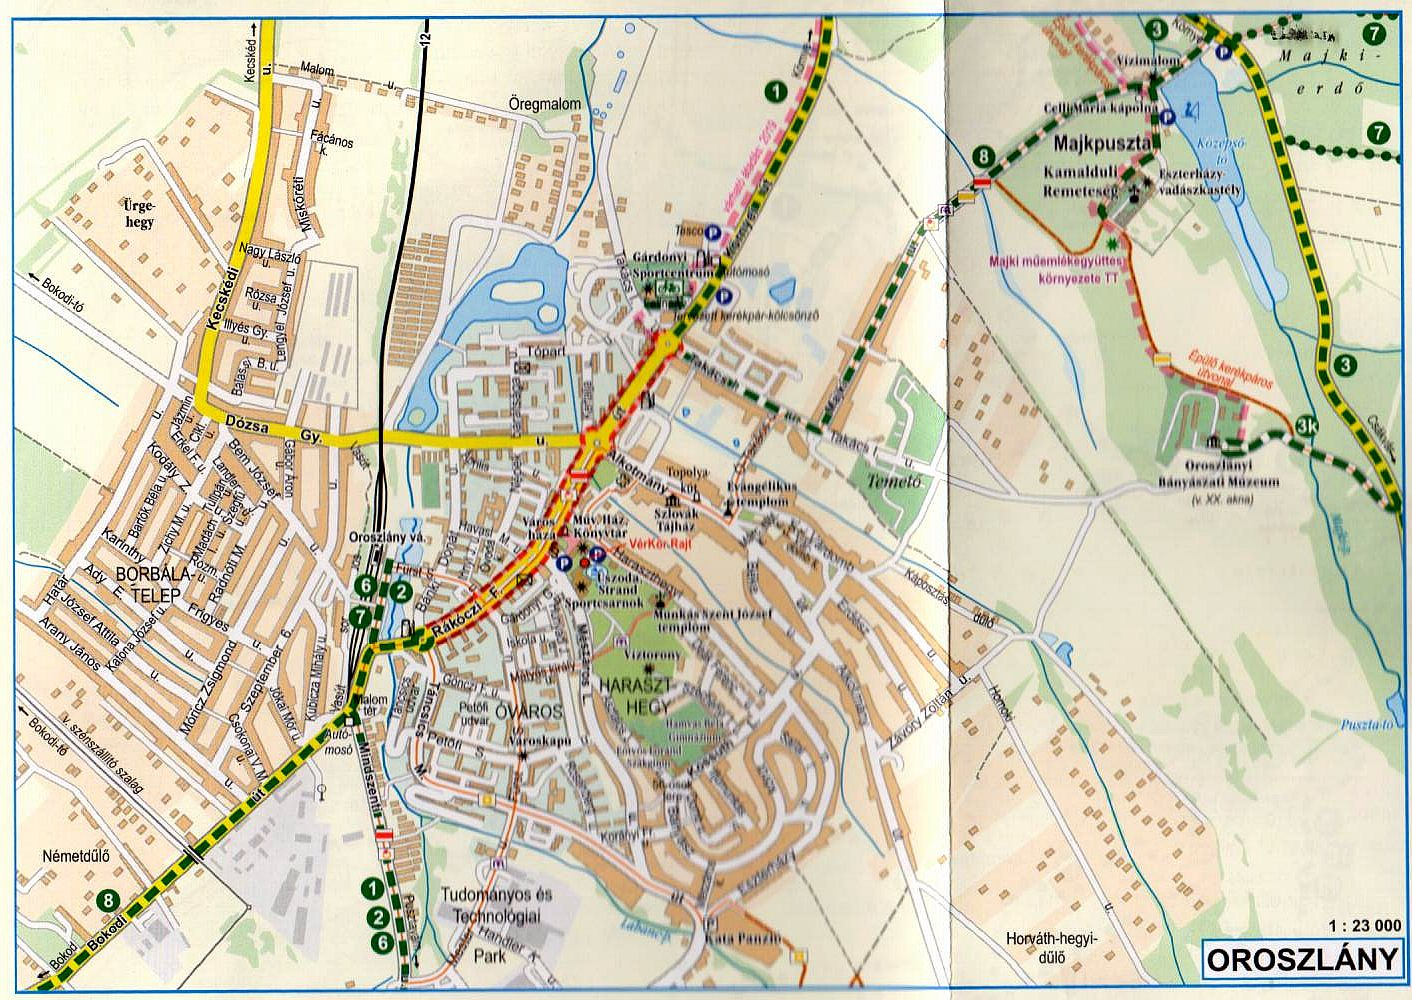 Vértes biciklis térkép: Oroszlány várostérkép